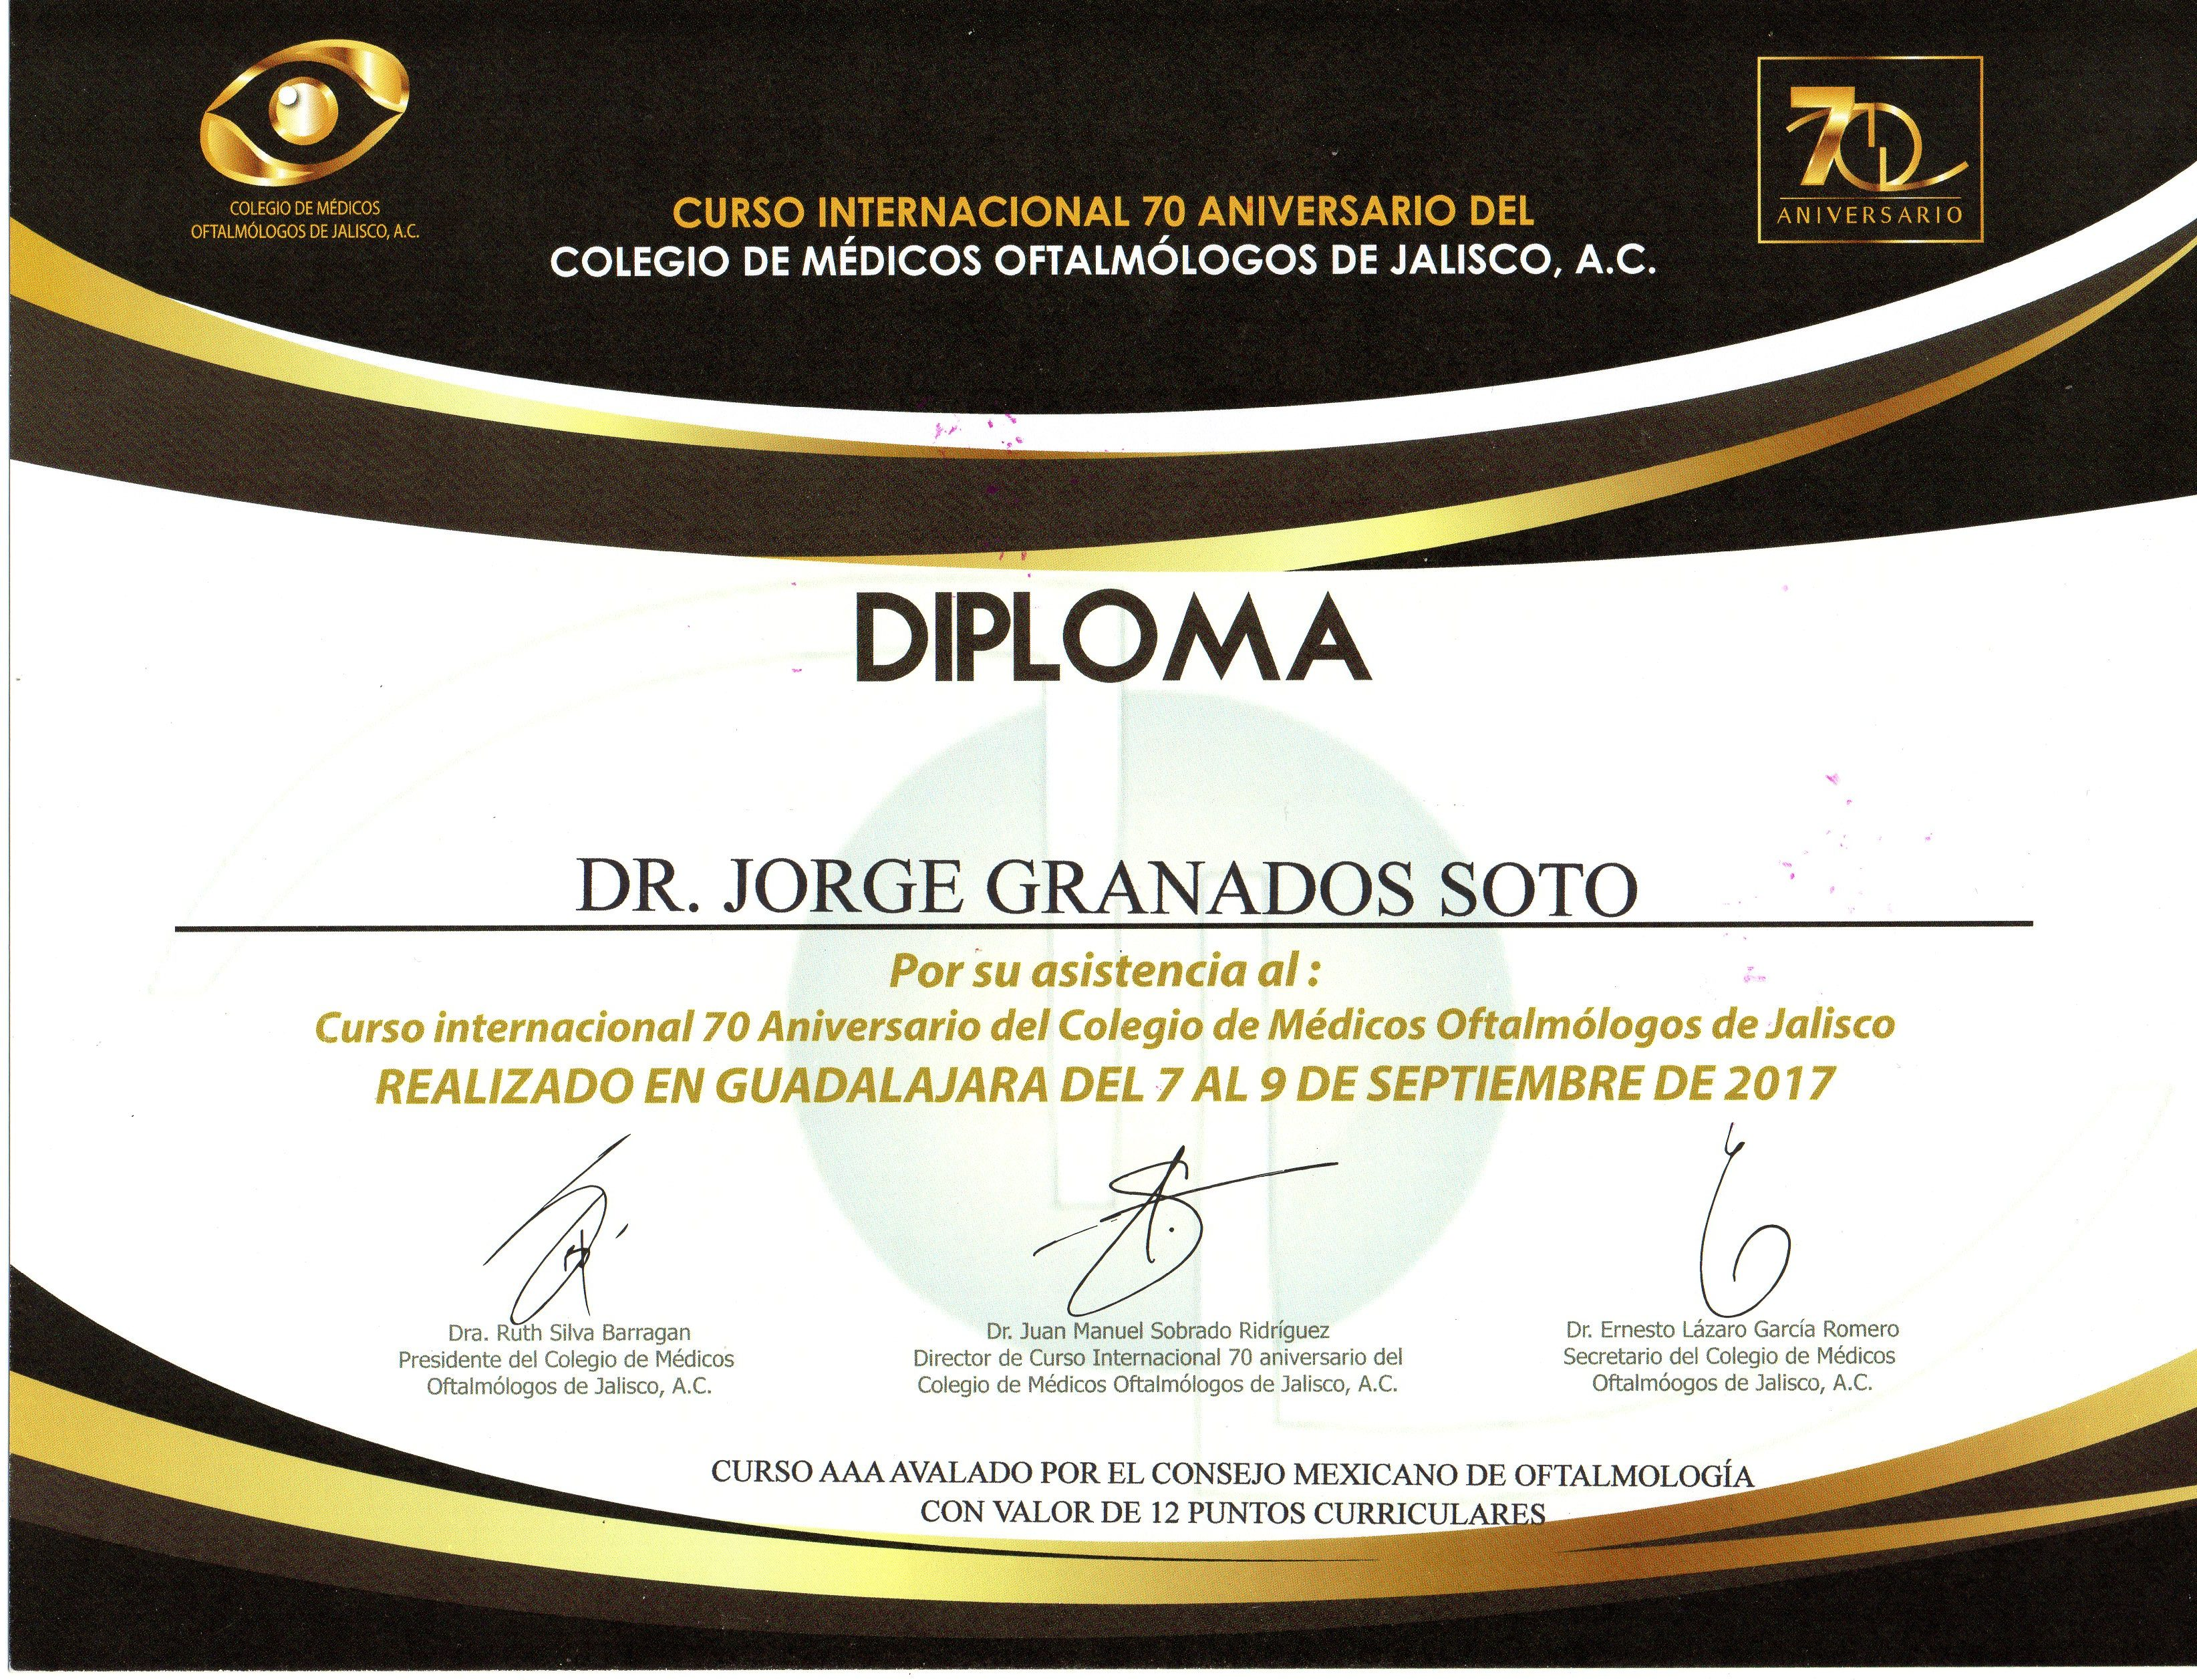 COLEGIO DE MEDICOS OFTALMOLOGOS DE JALISCO AC